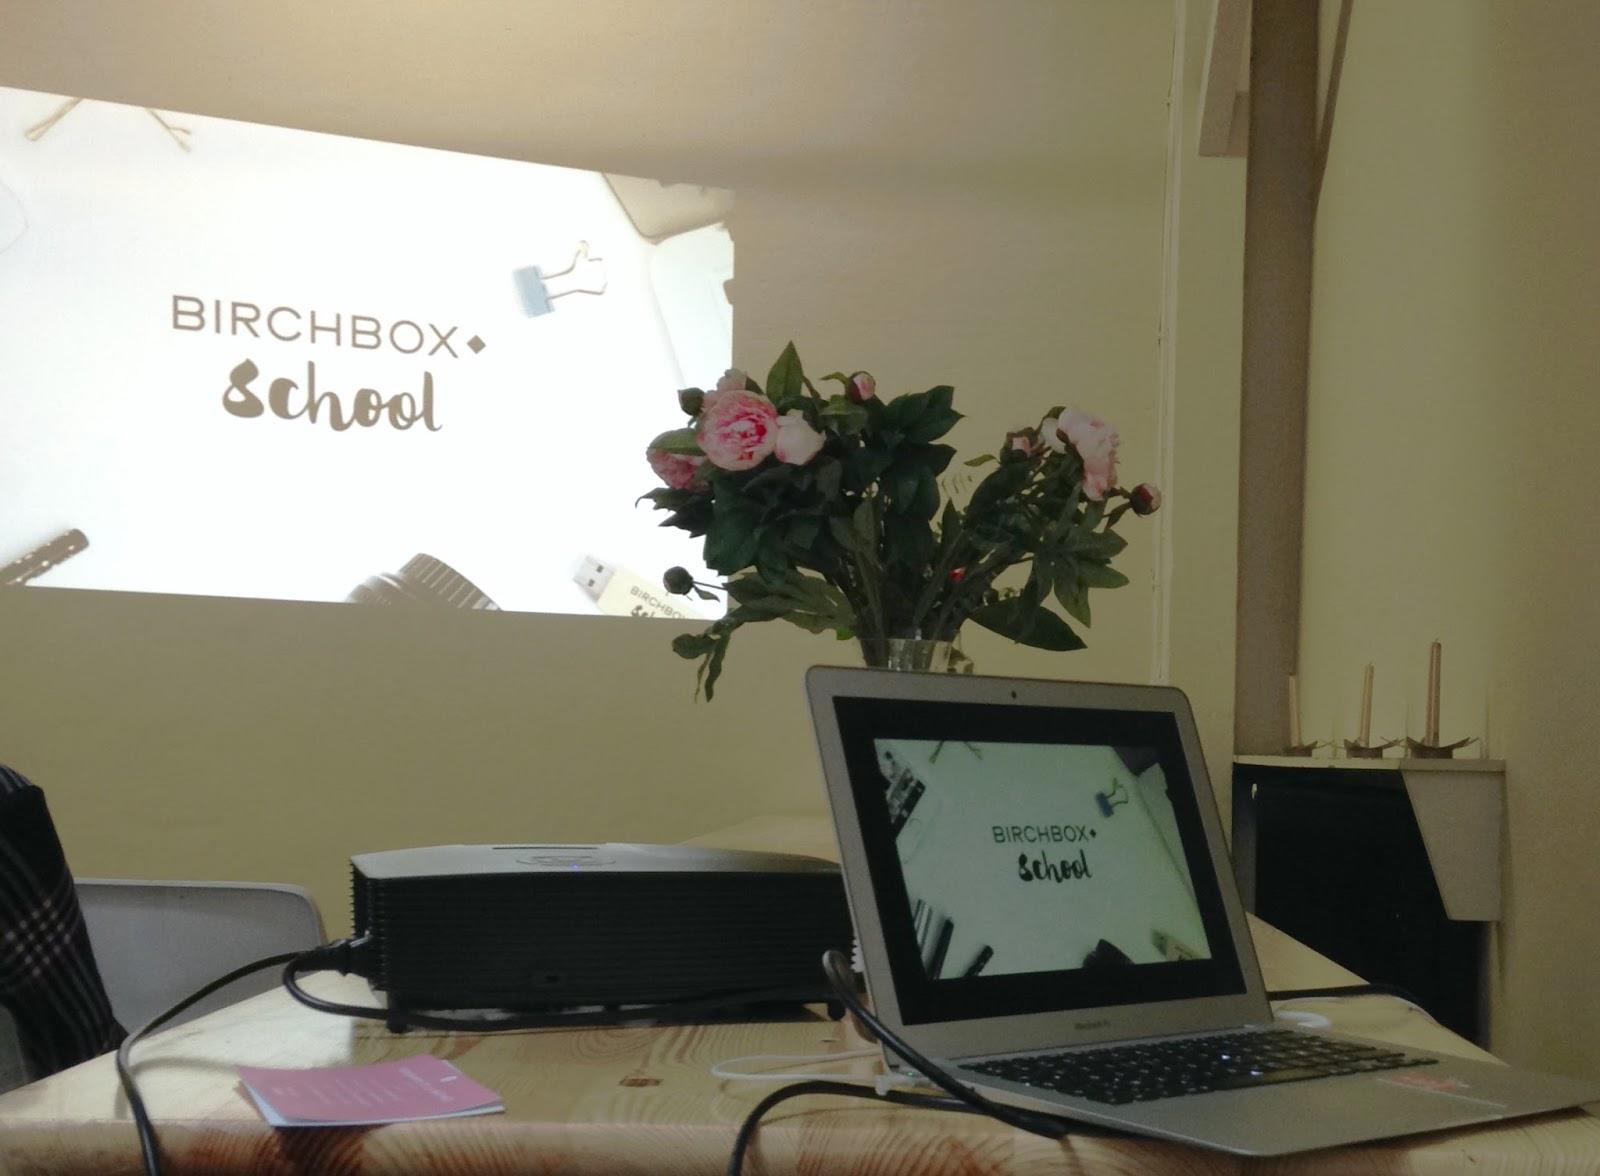 birchbox school formation paris beauté école